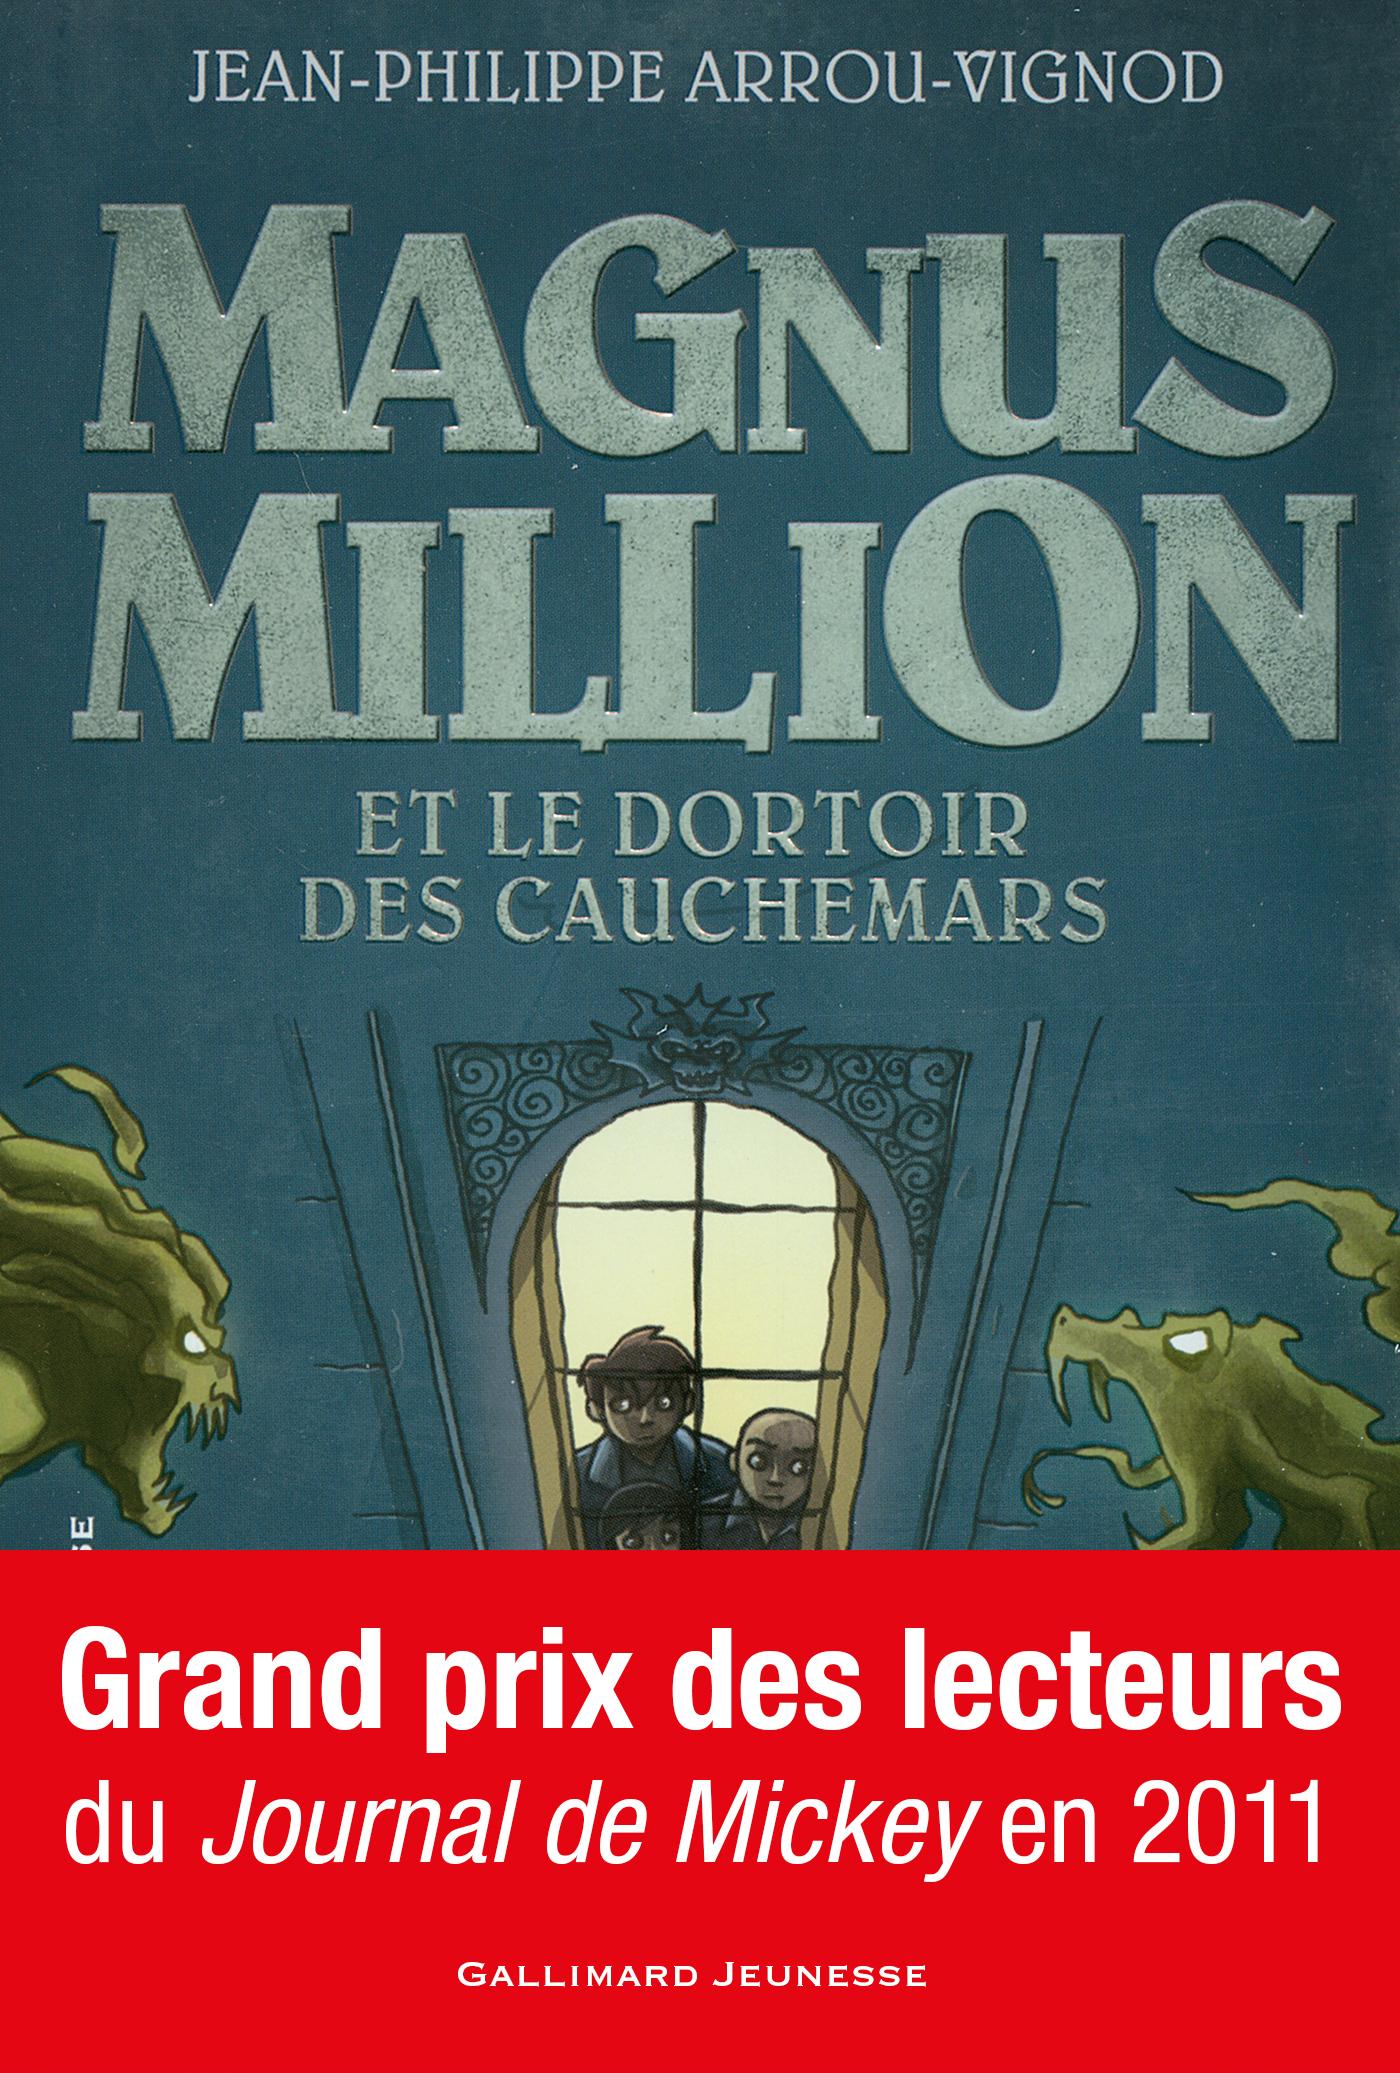 Magnus Million et le dortoir des cauchemars | Arrou-Vignod, Jean-Philippe